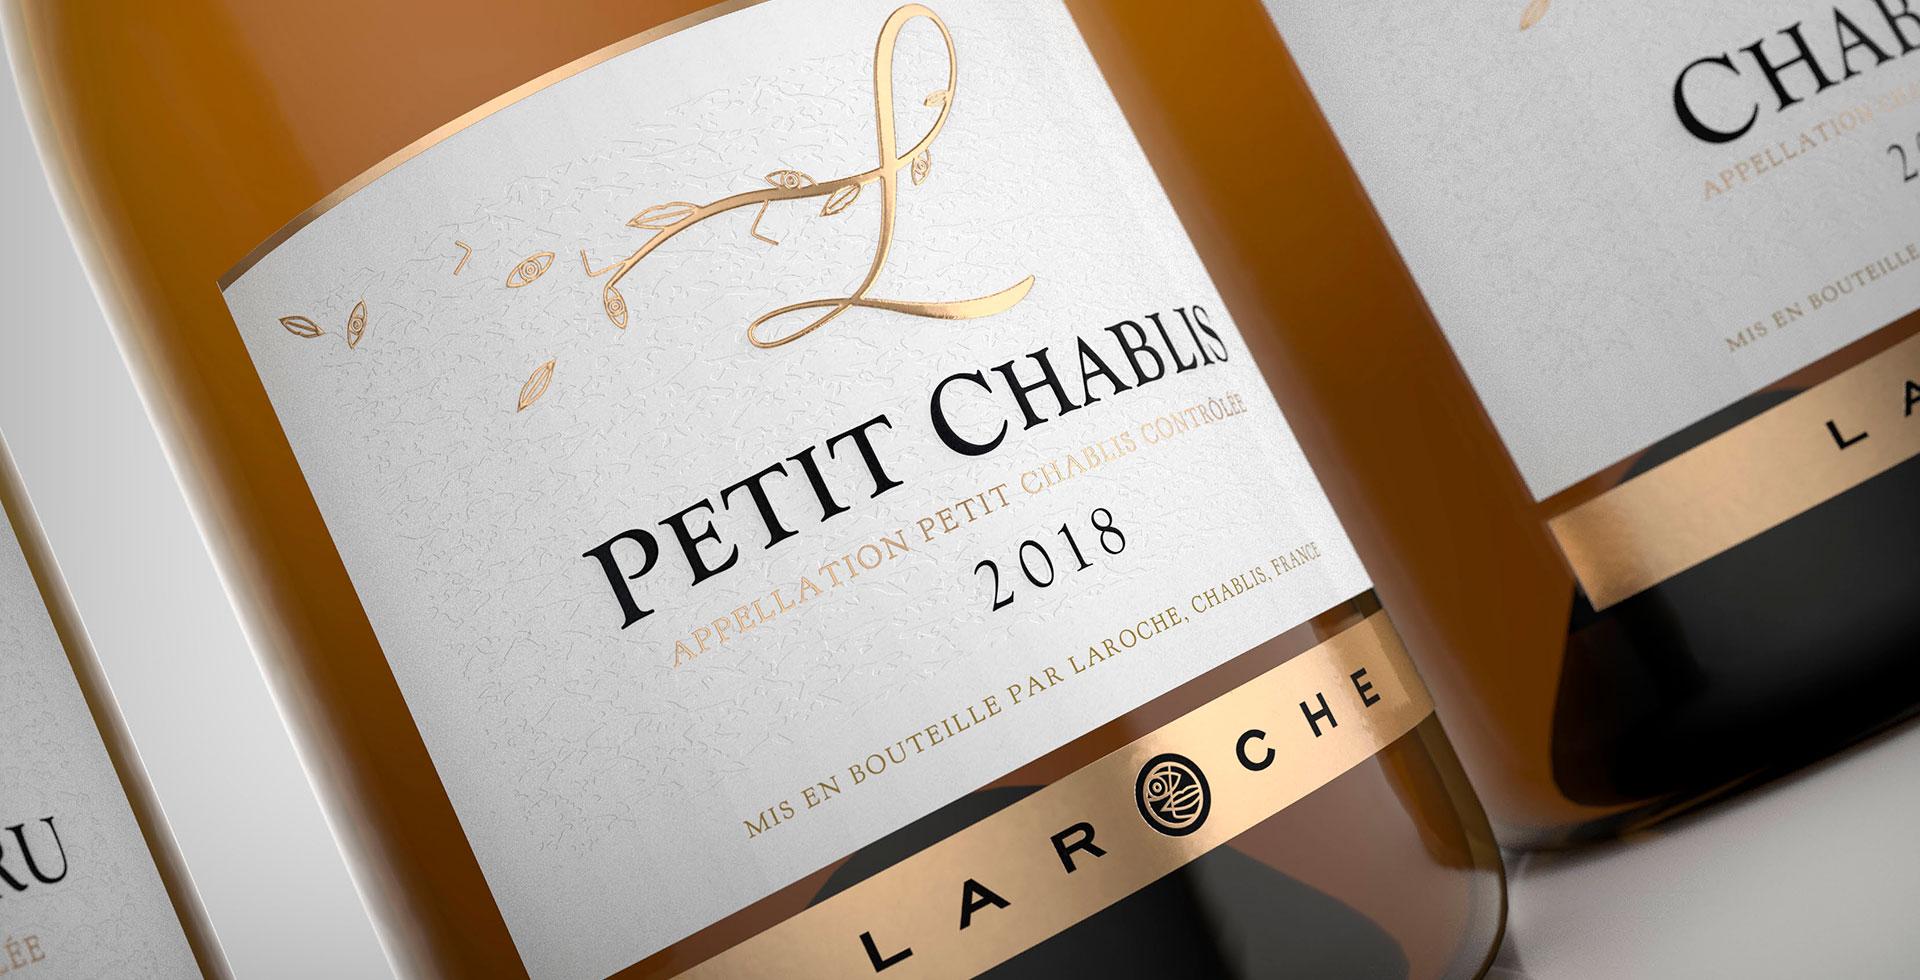 Megusta L De Laroche La cuvée signature